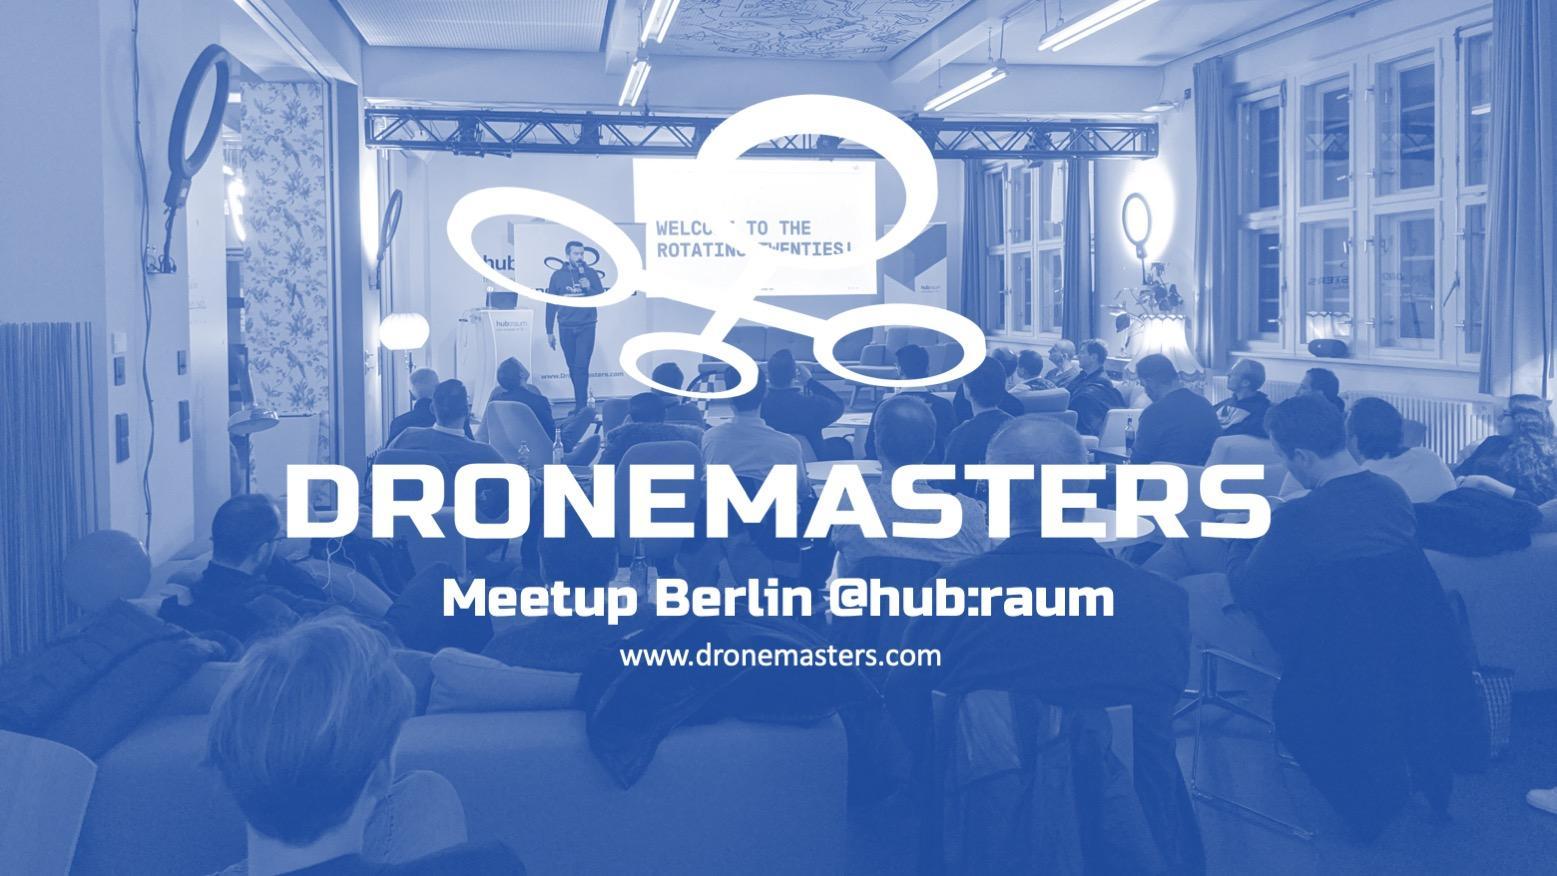 DroneMasters Meetup Berlin @hub:raum